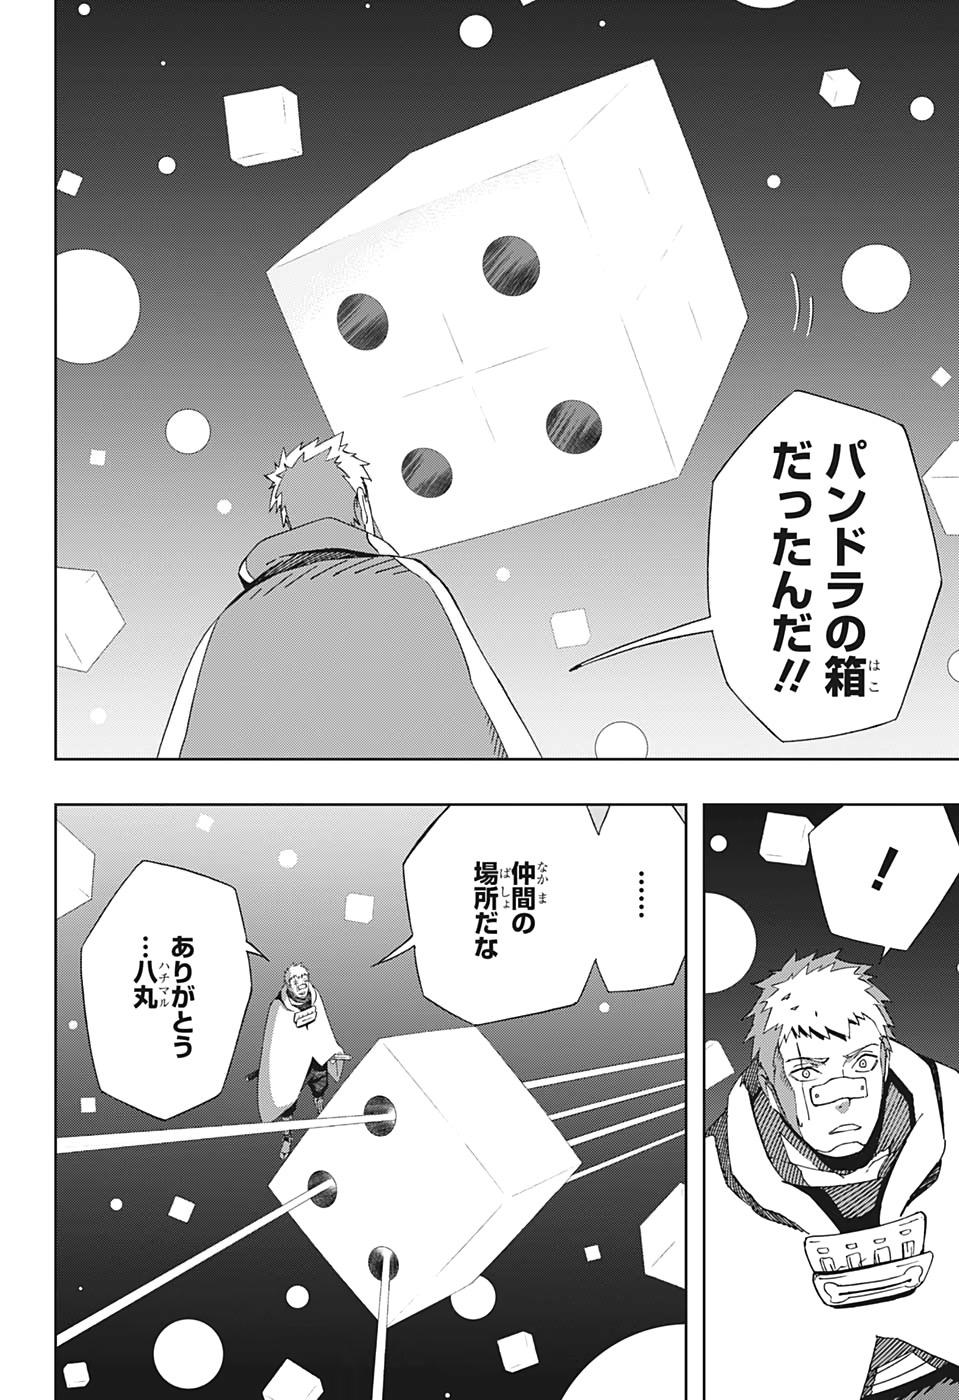 8 打ち切り サムライ